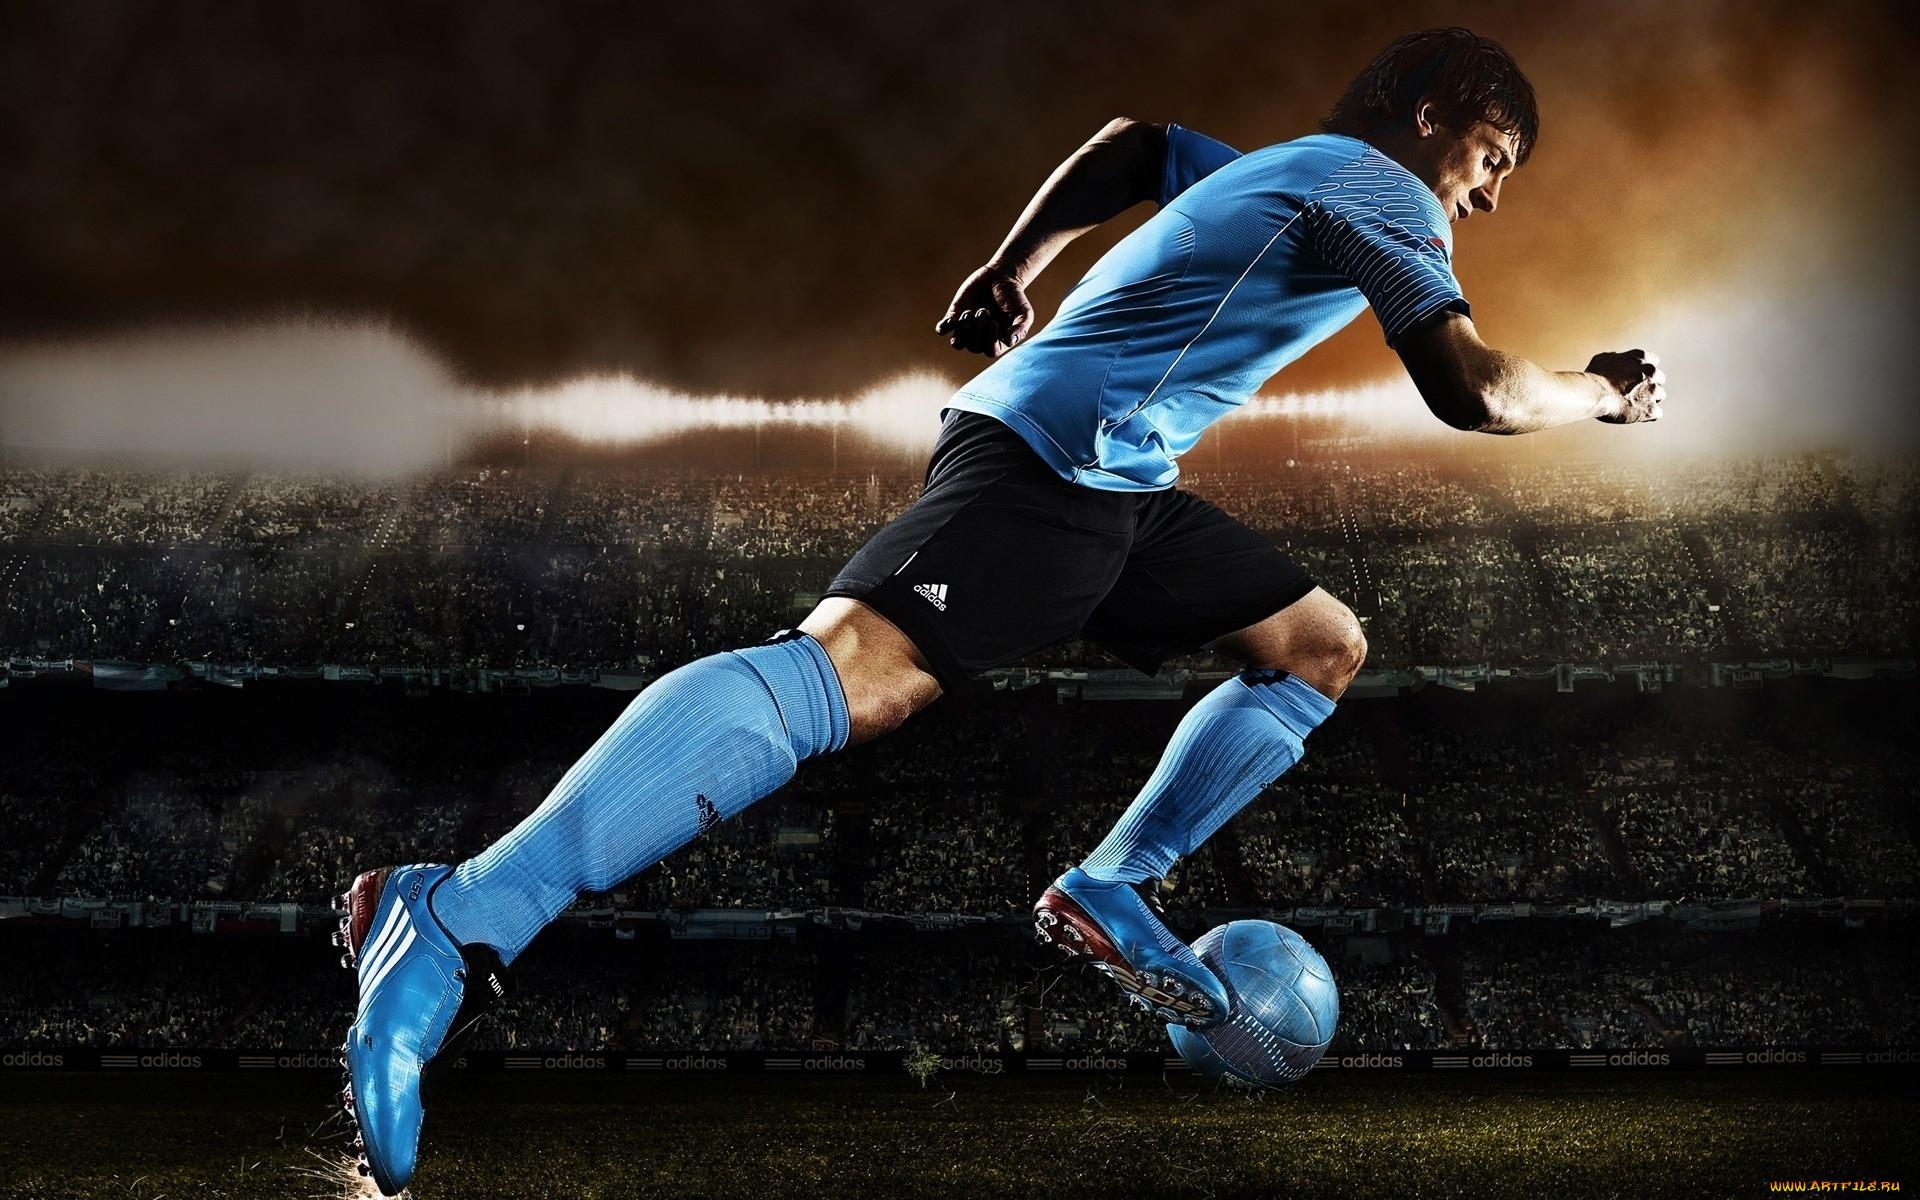 близкие спорт картинки футболистов покупайте продавайте